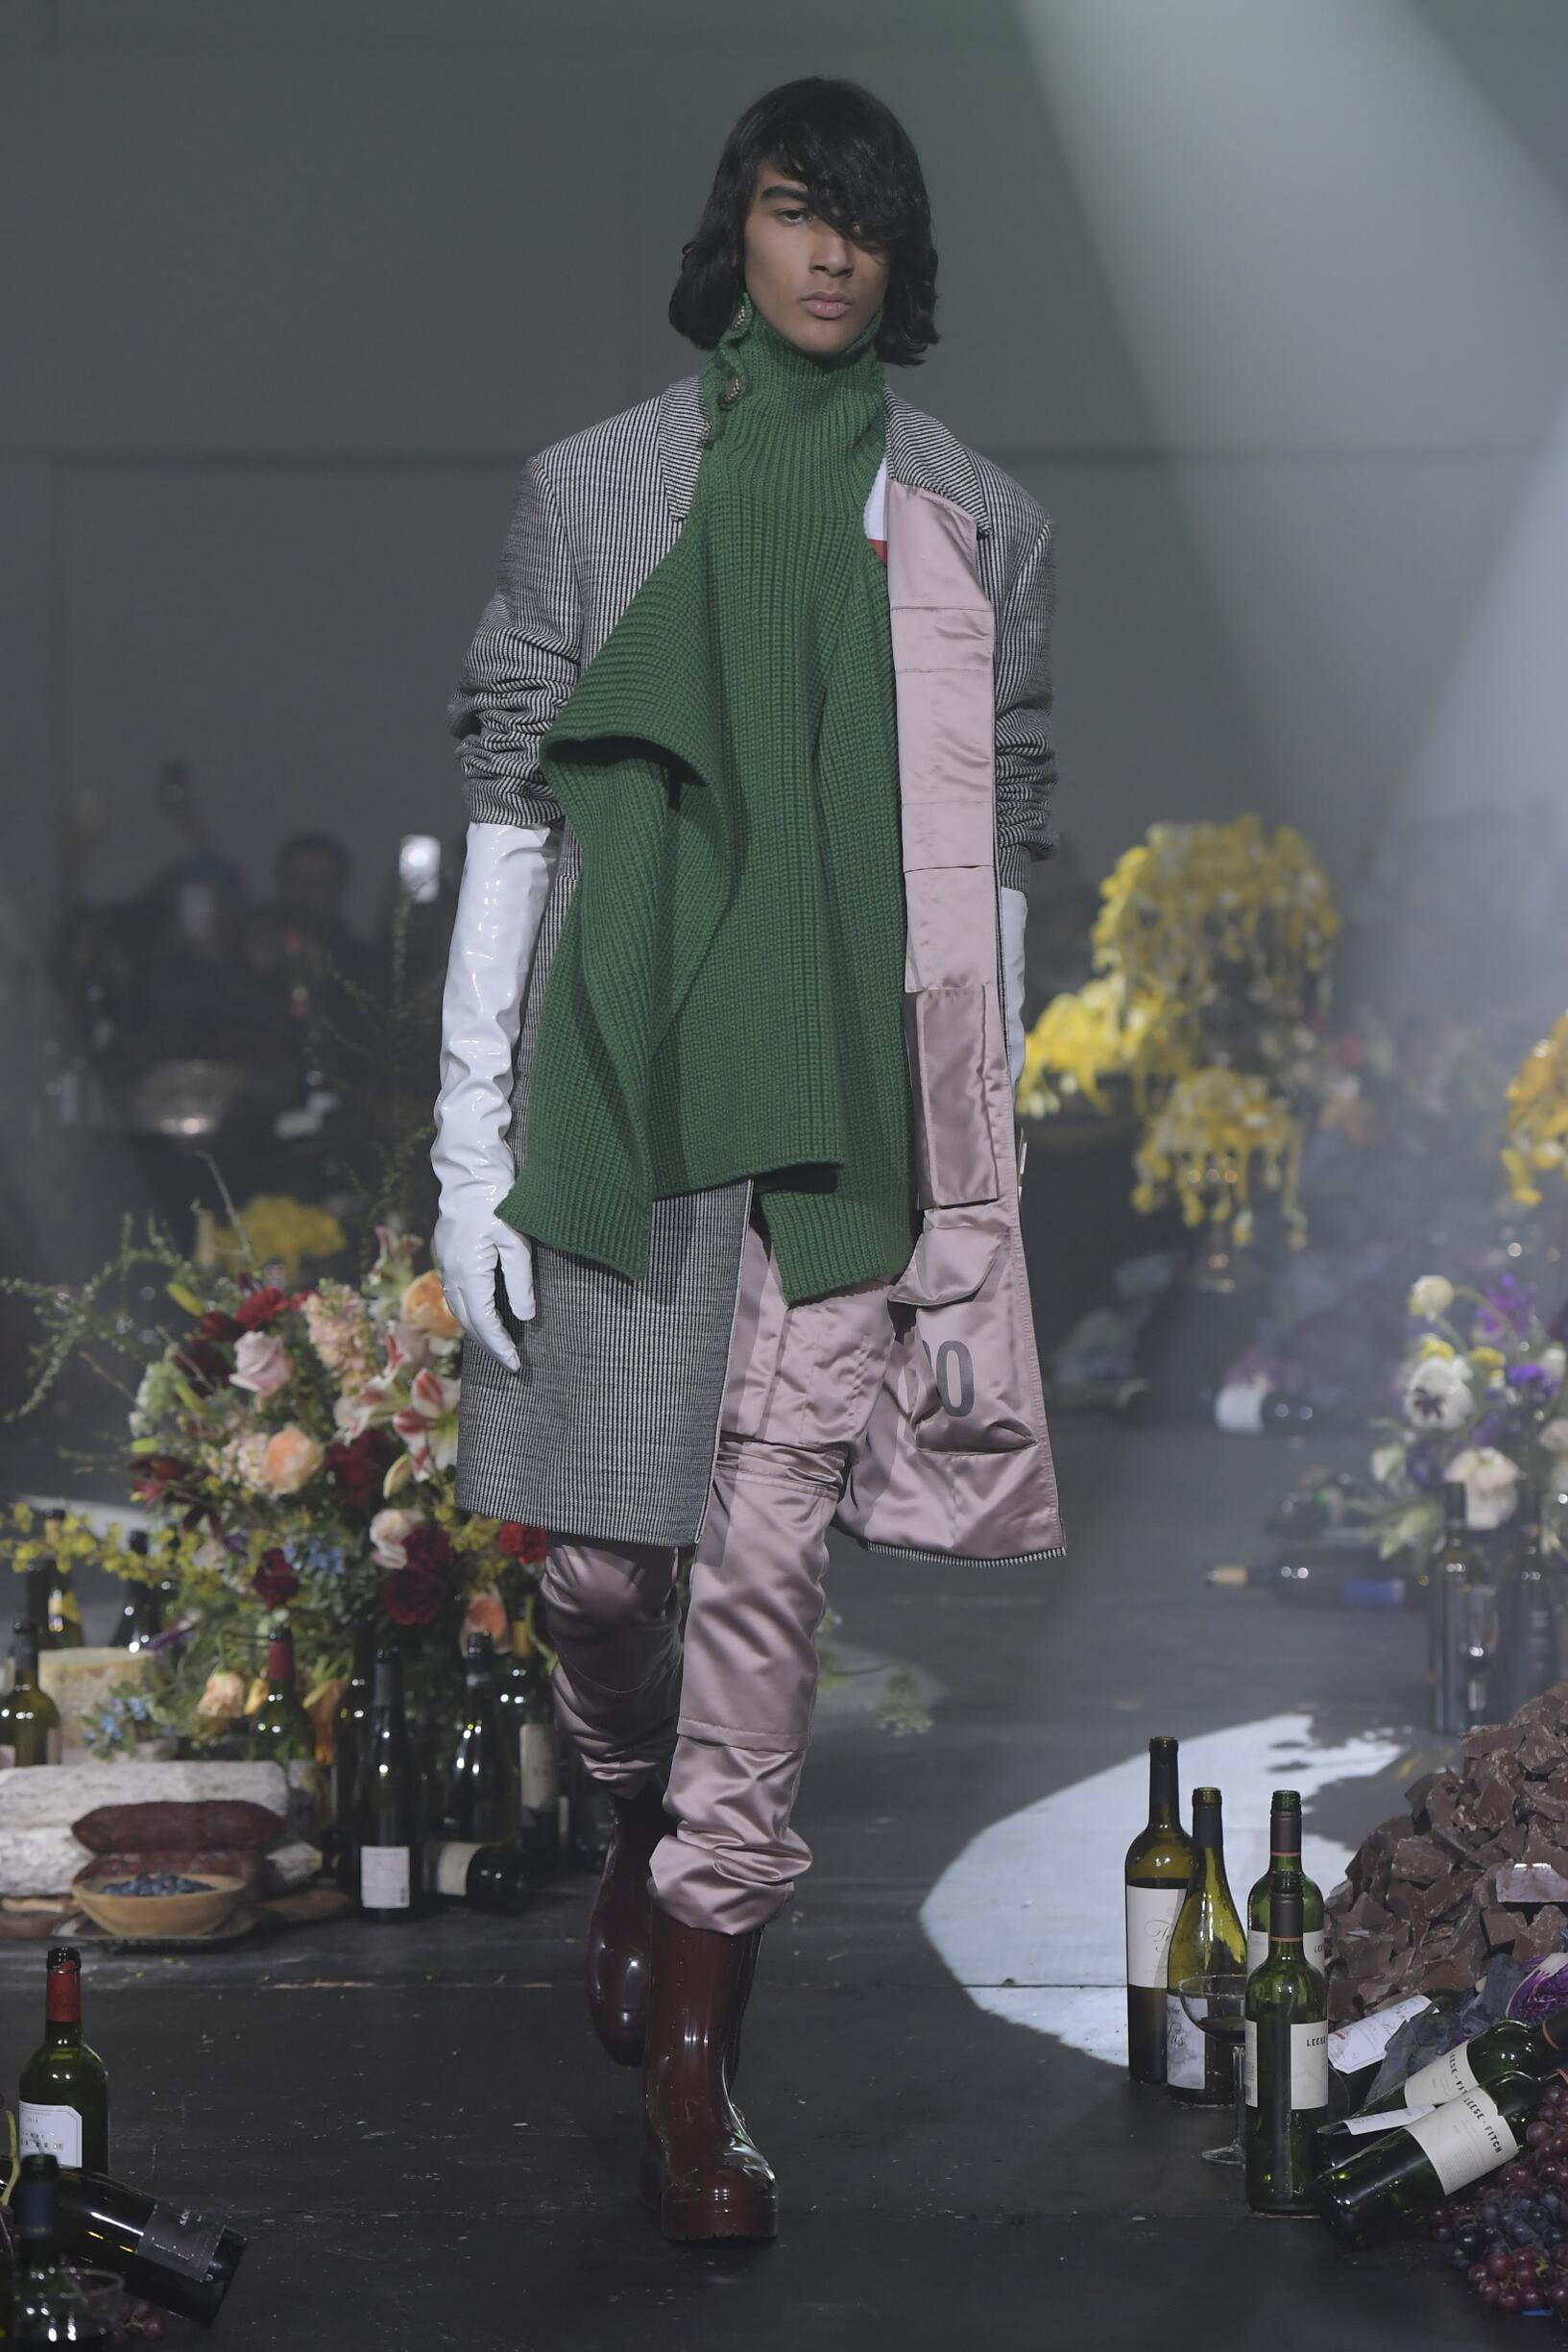 Model Fashion Show Raf Simons